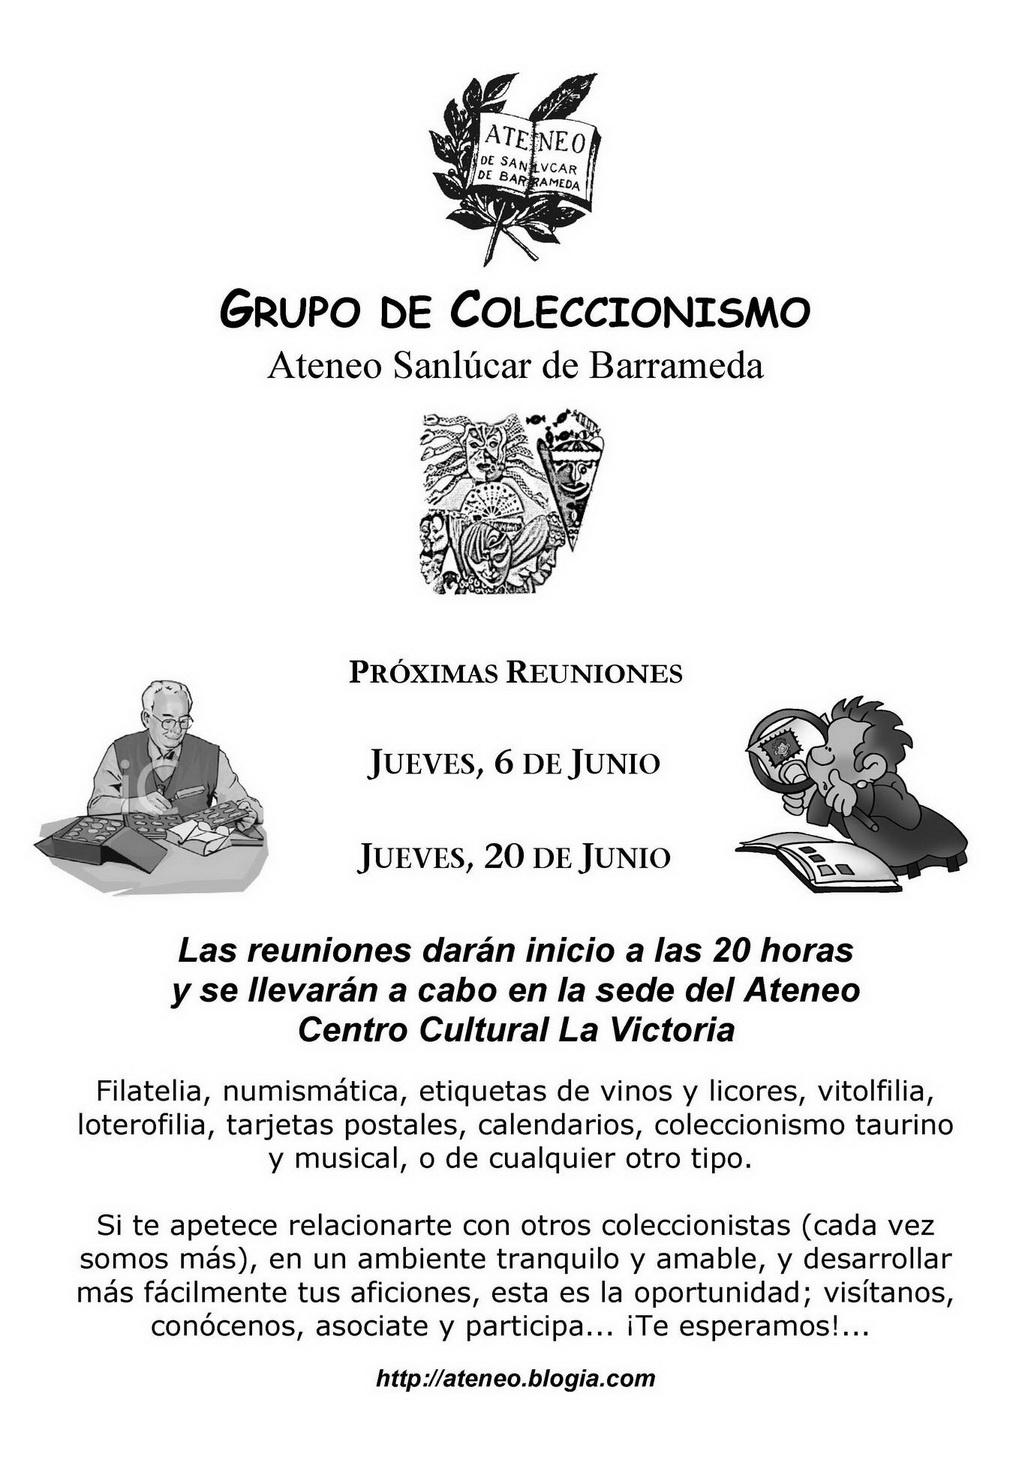 <b>Grupo de Coleccionismo Ateneo Sanlúcar de Barrameda  -  Actividades previstas para el actual mes de Junio</b>